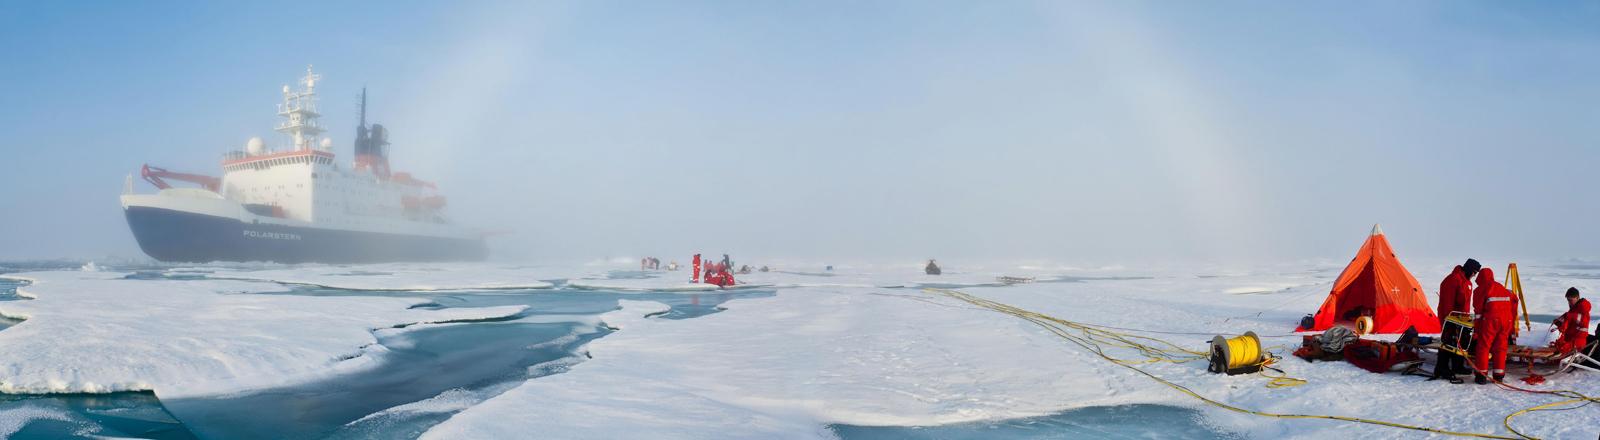 Das Forschungsschiff Polarstern von Alfred-Wegener-Institut in Bremerhaven im Einsatz.